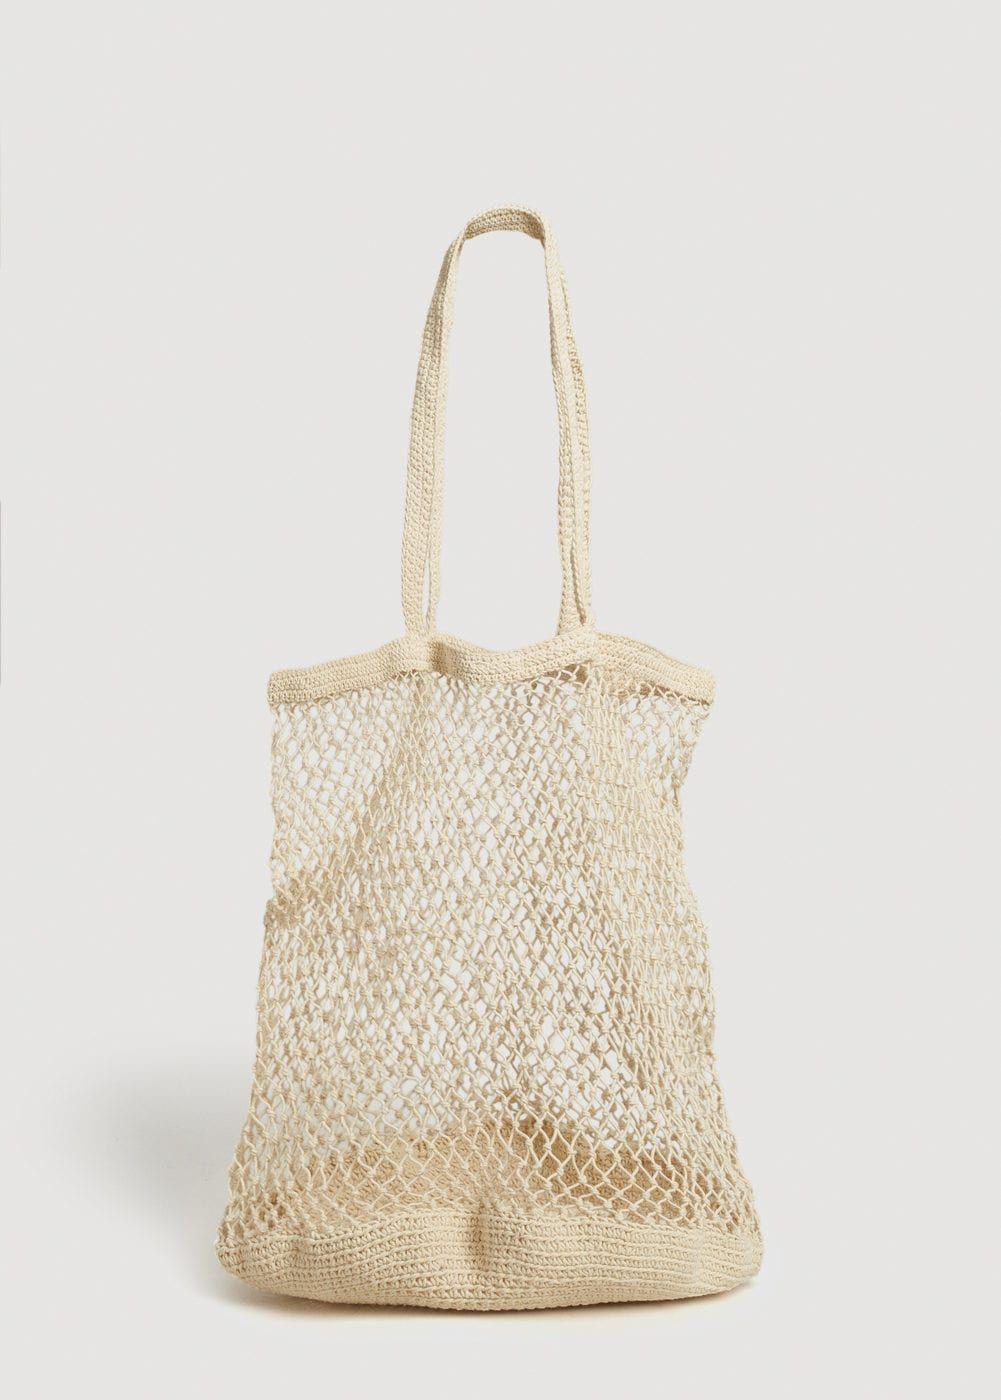 Leisuretime Straw Crossbody Bag femmes d'été Voyage sac à main Weave sac à bandoulière ronde sac à main de plage et sacs à main (Light Brown) 6gONmzv